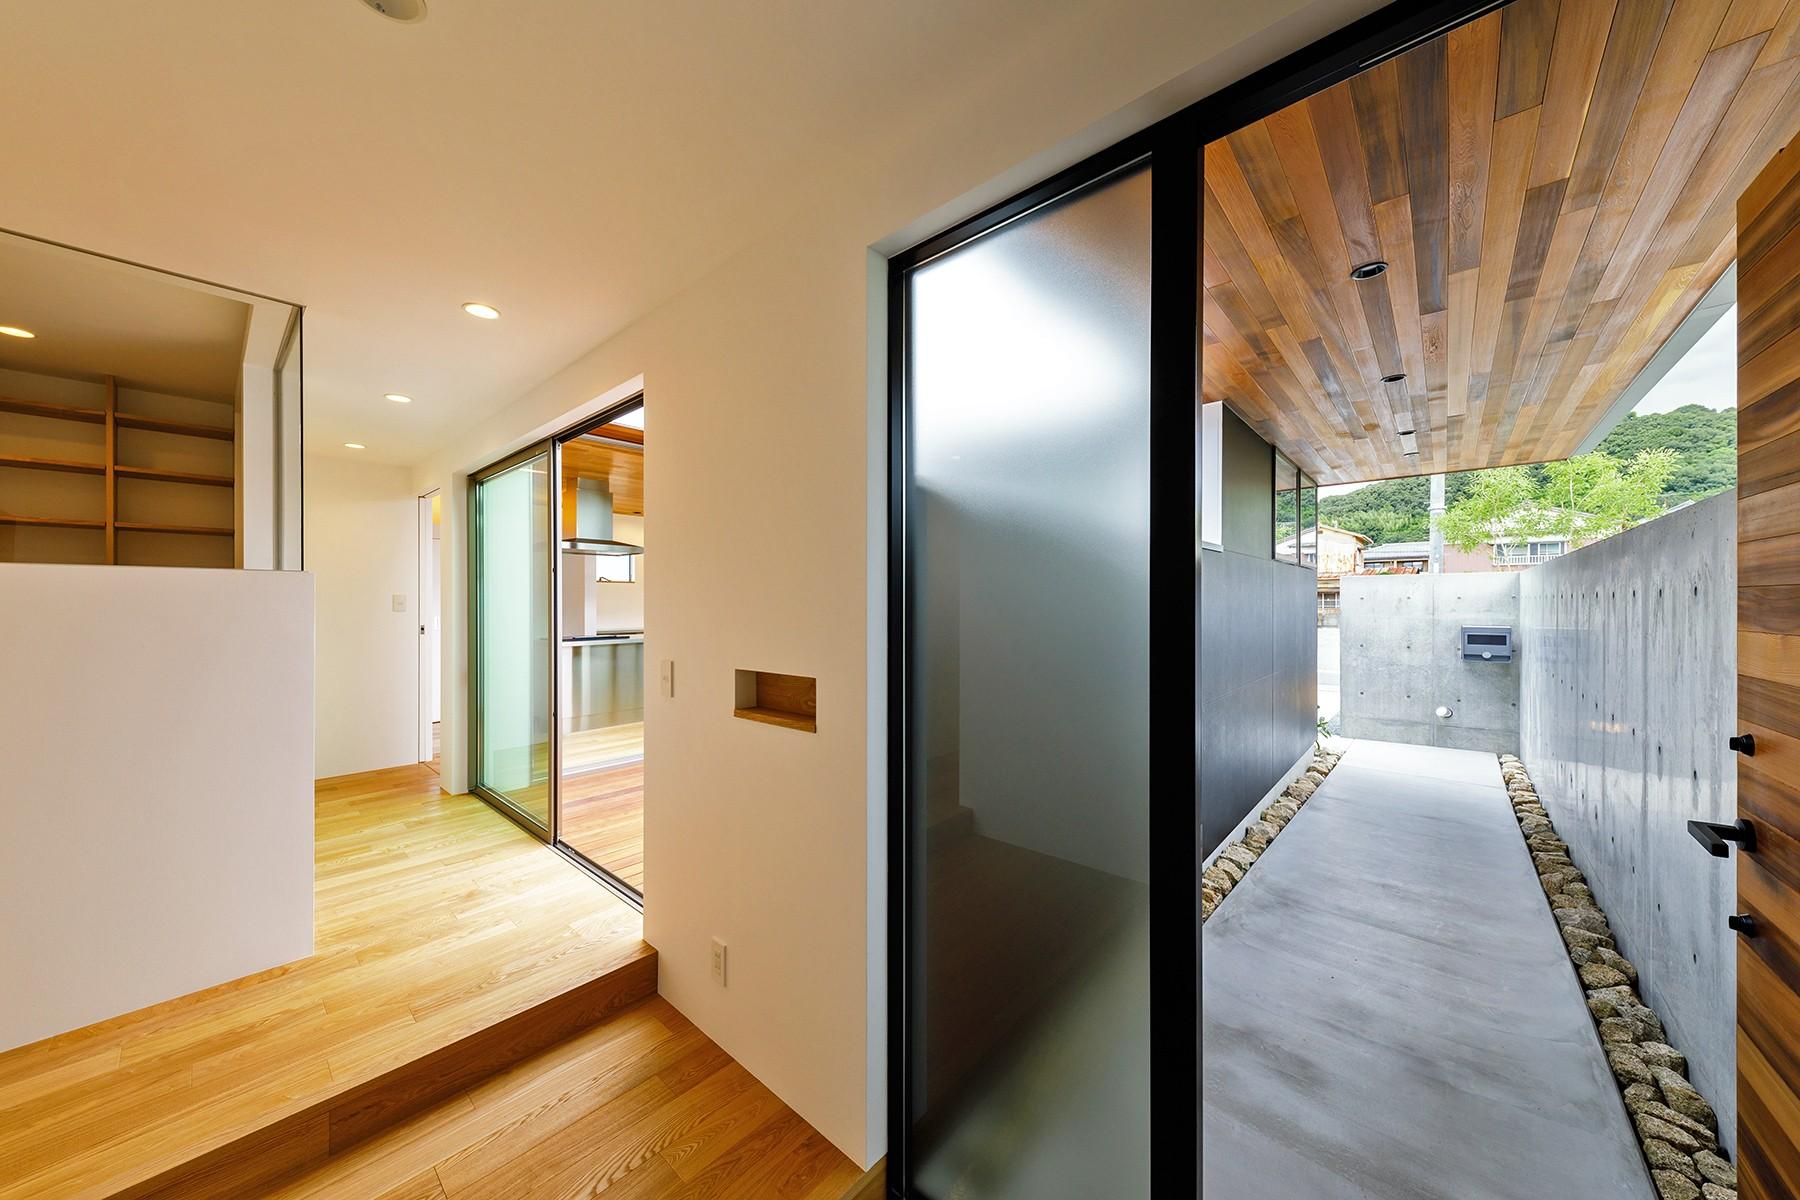 玄関事例:haus-slit 玄関(haus-slit / 稜線に沿ったスリットで自然を感じる中庭住宅)